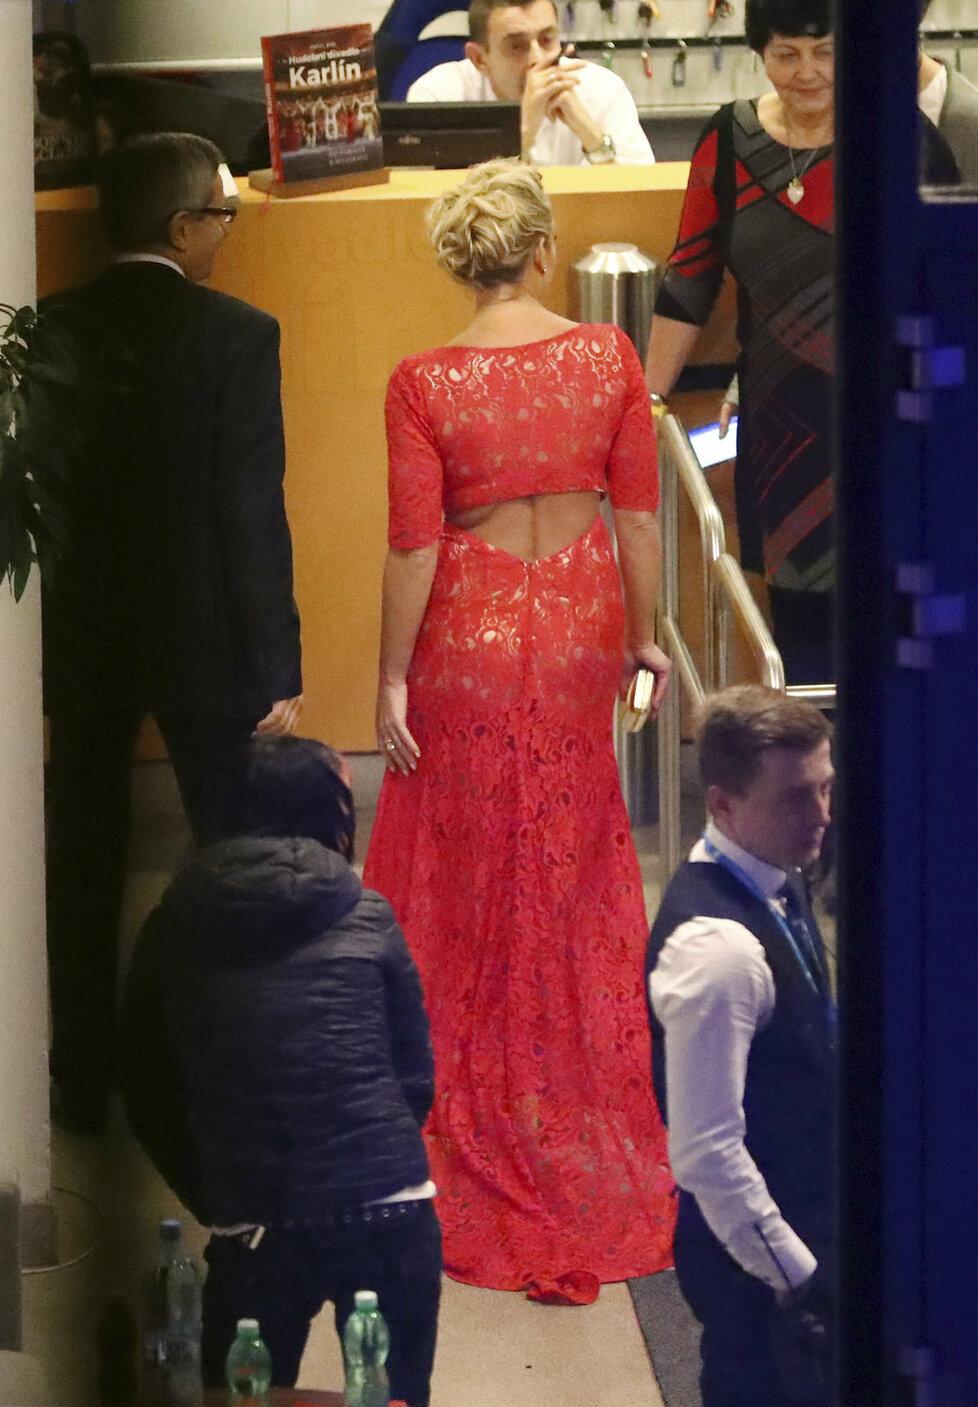 Šaty Lucie Borhyové odhalily možná víc než chtěla.